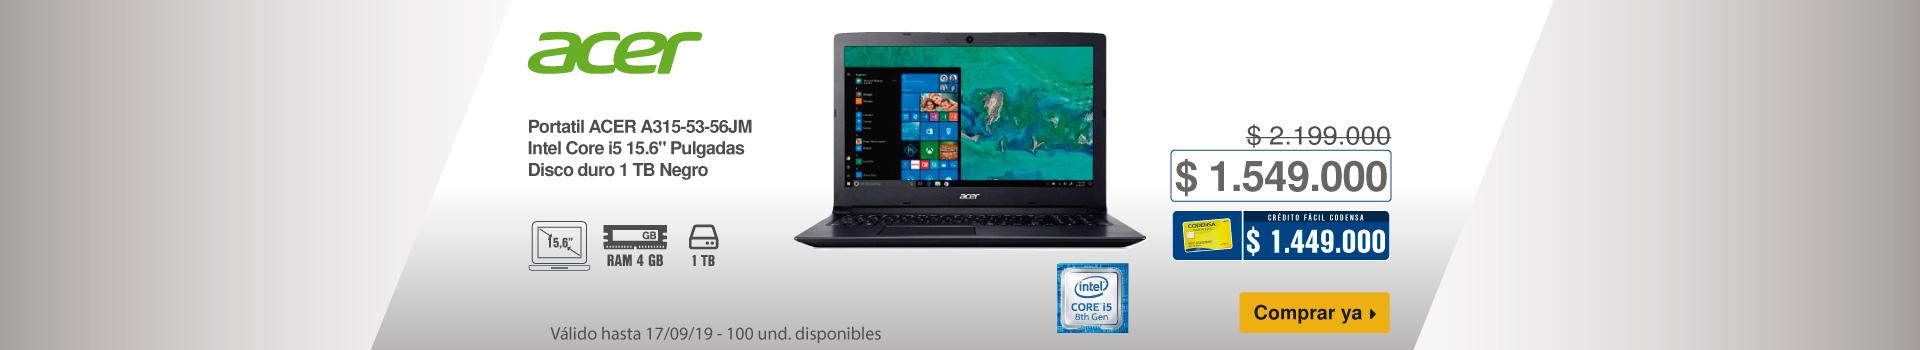 AK-KT-Acer-port-56JM-Ci5-NgCATCOM1-Computadoresytablets14_septiembre